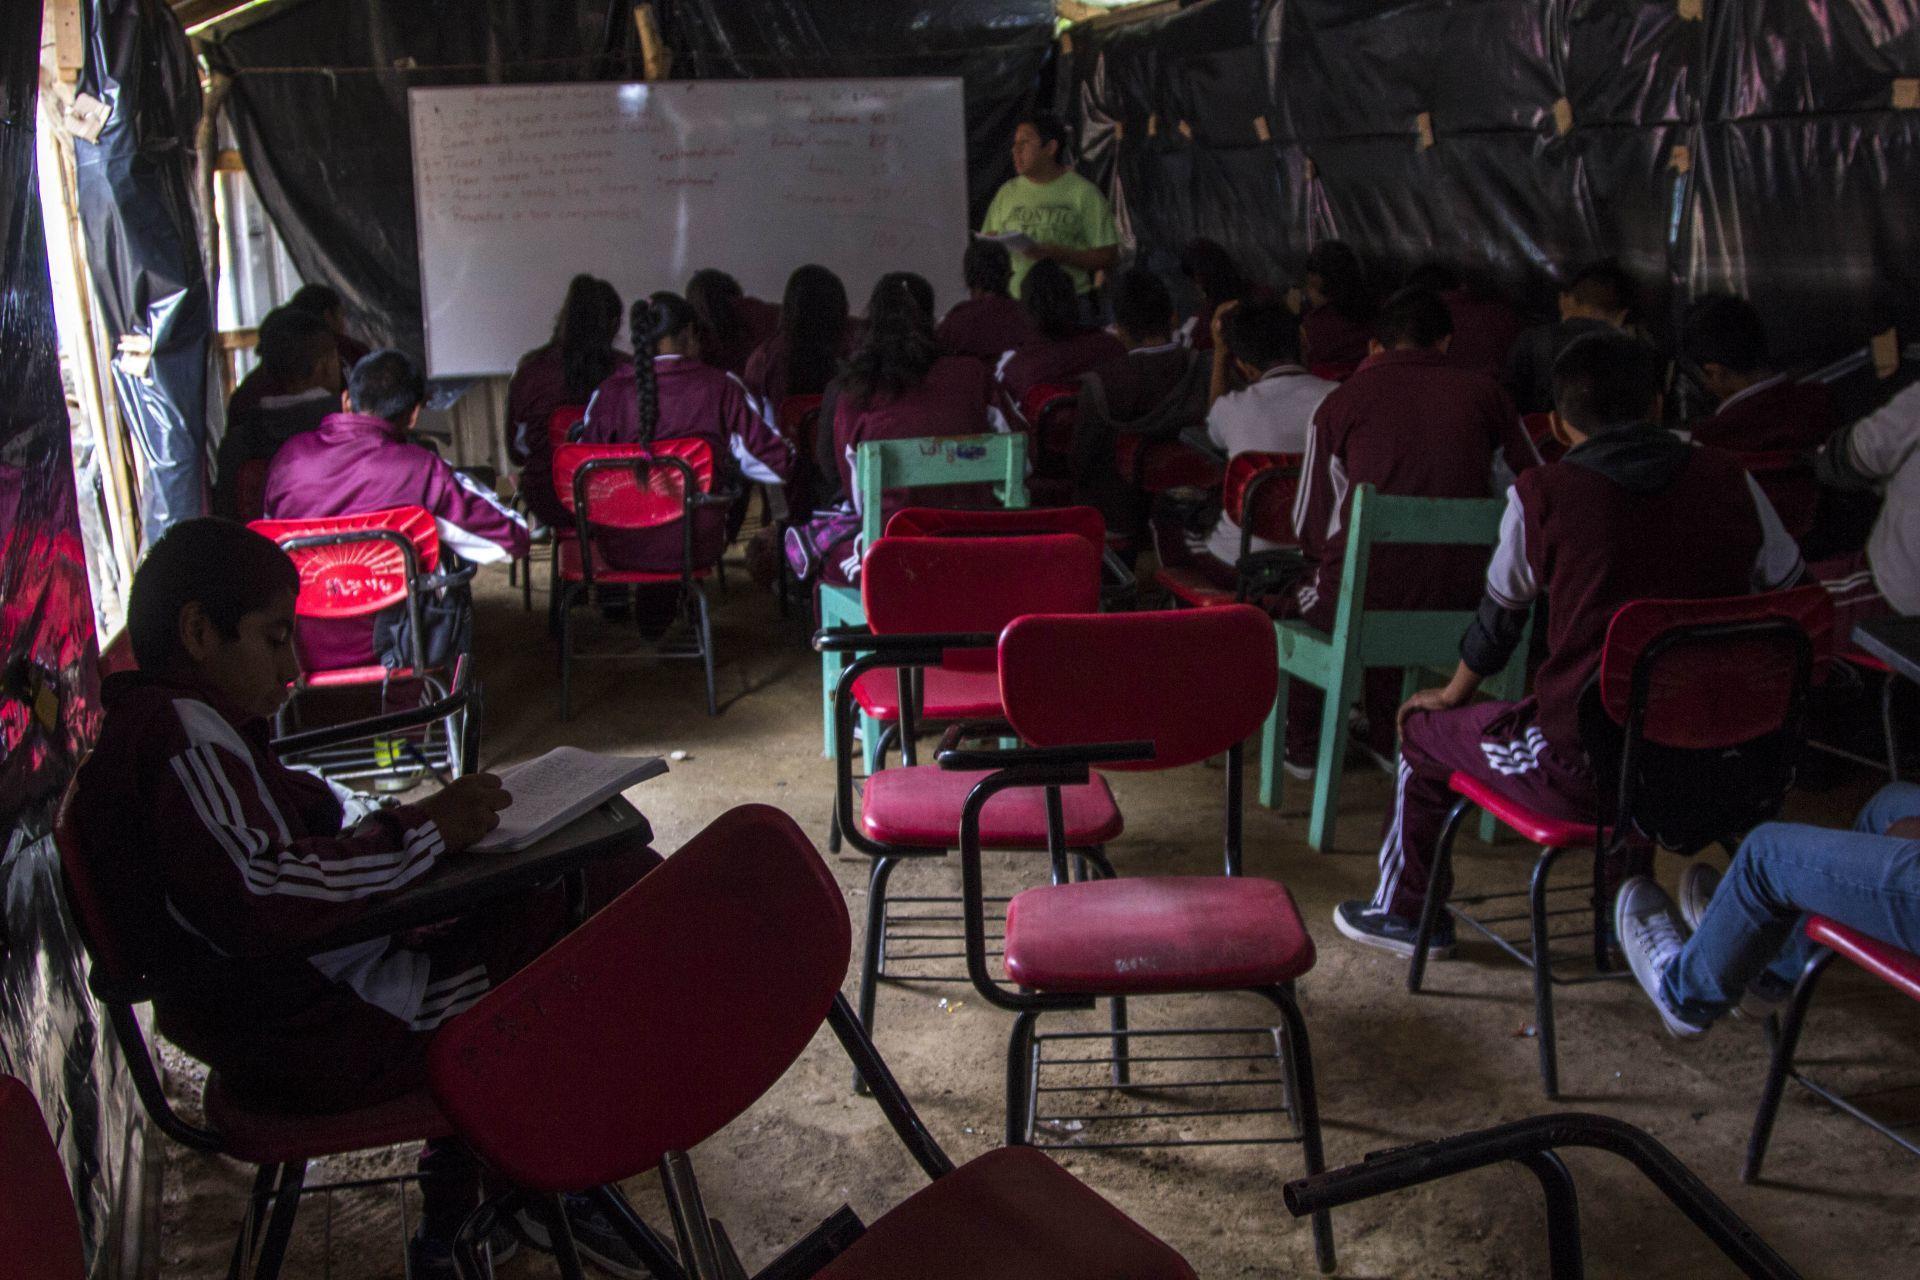 """SANTA CRUZ XITLA, OAXACA, 29AGOSTO, 2015.- La escuela primaria """"Benito Juárez Bilingüe""""  y la Escuela Secundaria Técnica 169, ubicadas a mas de dos horas de la capital del estado pertenecientes a las sección 59 del Coordinadora Nacional de Trabajadores de la Educación (CNTE), tienen carencias por el abandono de parte de la Secretaria de Educación (SEP), ya que  actualmente las aulas son costeadas por padres de familia y algunos maestros interesados en la educación de los menores. Los alumnos tuvieron que dejar las antiguas instalaciones, que se ubican a unos cien metros del nuevo plantel cuando los padres de familia no pudieron pagar el millón de pesos que solicitó el propietario del terreno. Con una cooperación de mil pesos por alumnos se logró la adquisición del nuevo espacio donde los menores estudian en aulas de paredes de carrizo y techos de lámina haciéndolos muy vulnerables a las condiciones climáticas de la zona. Sin embargo cada ciclo escolar, los padres de familia en conjunto con los maestros hacen una reunión para planear la forma en que impartirán su educación. A pesar de la Reforma Educativa implementada por el Presidente Enrique Peña Nieto, que busca mejorar la educación a nivel nacional, algunos de los estados mayormente afectados son Oaxaca, Guerrero y Chiapas principalmente en las zonas de la sierra donde los recursos económicos por parte del Gobierno Federal nunca llegan para abatir este problema, además de enfrentarse a los conflictos entre la CNTE y SNTE que perjudican principalmente a los niños que solo buscan adquirir los conocimientos que forman a cada individuo de la nación.FOTO: ENRIQUE ORDÓÑEZ /CUARTOSCURO.COM"""